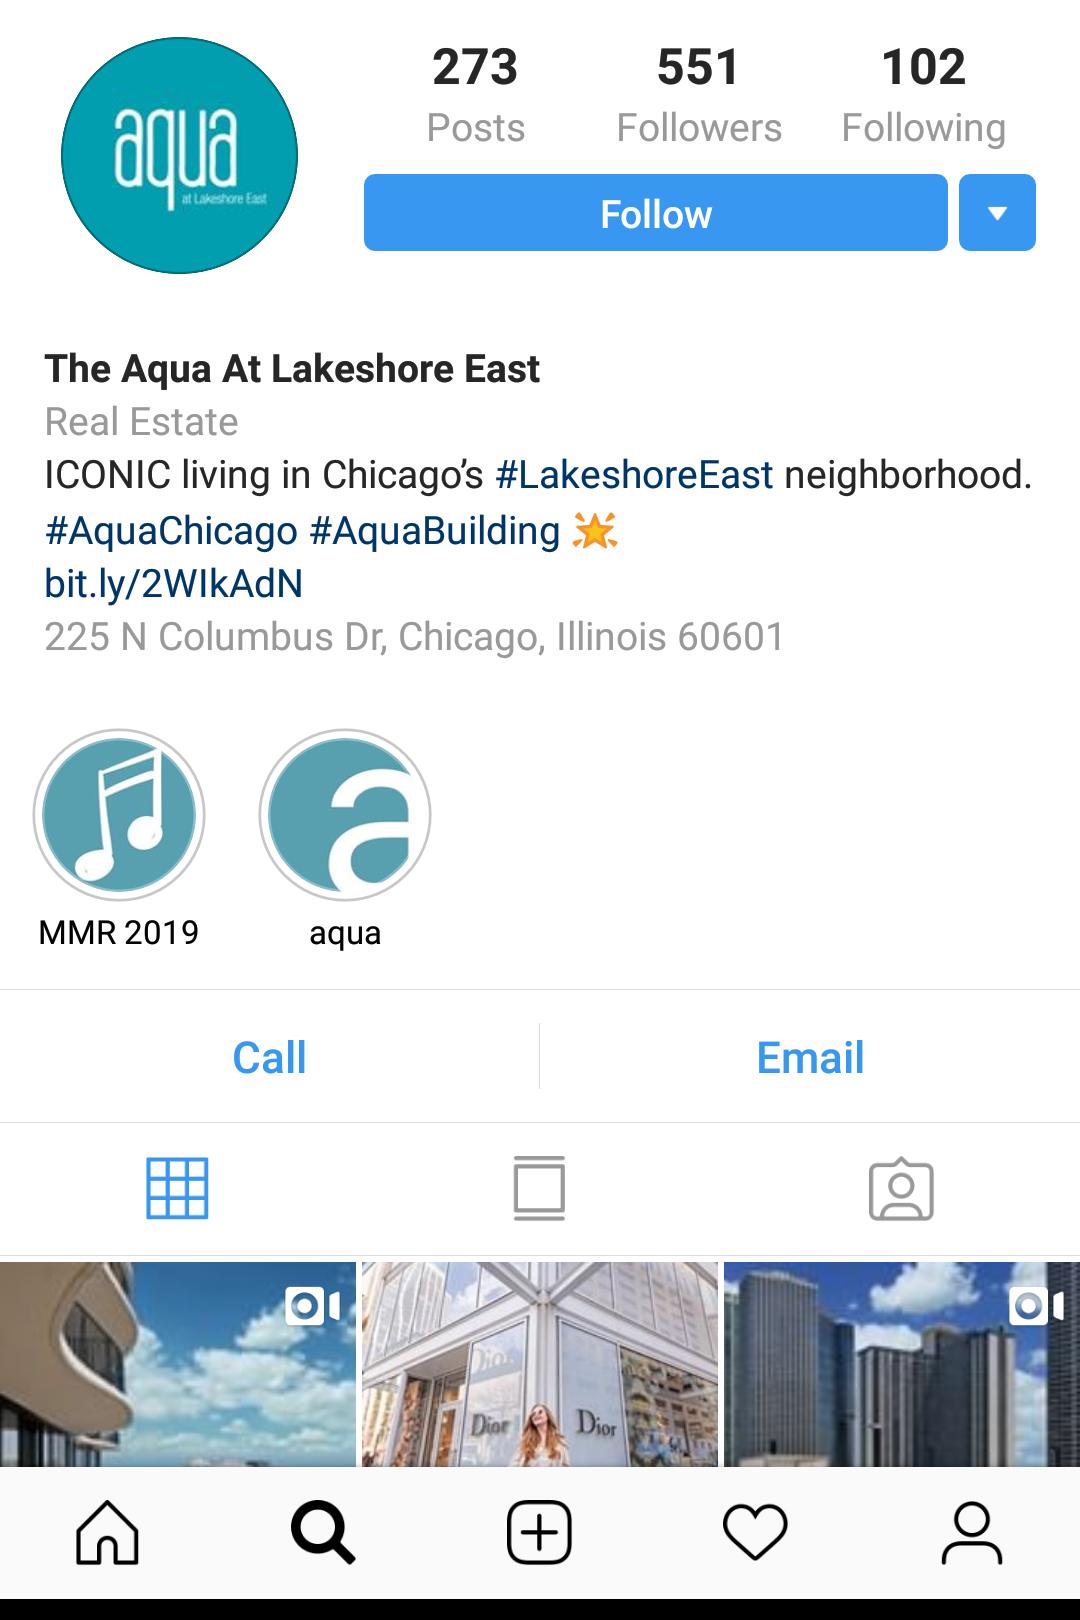 aqua instagram bio